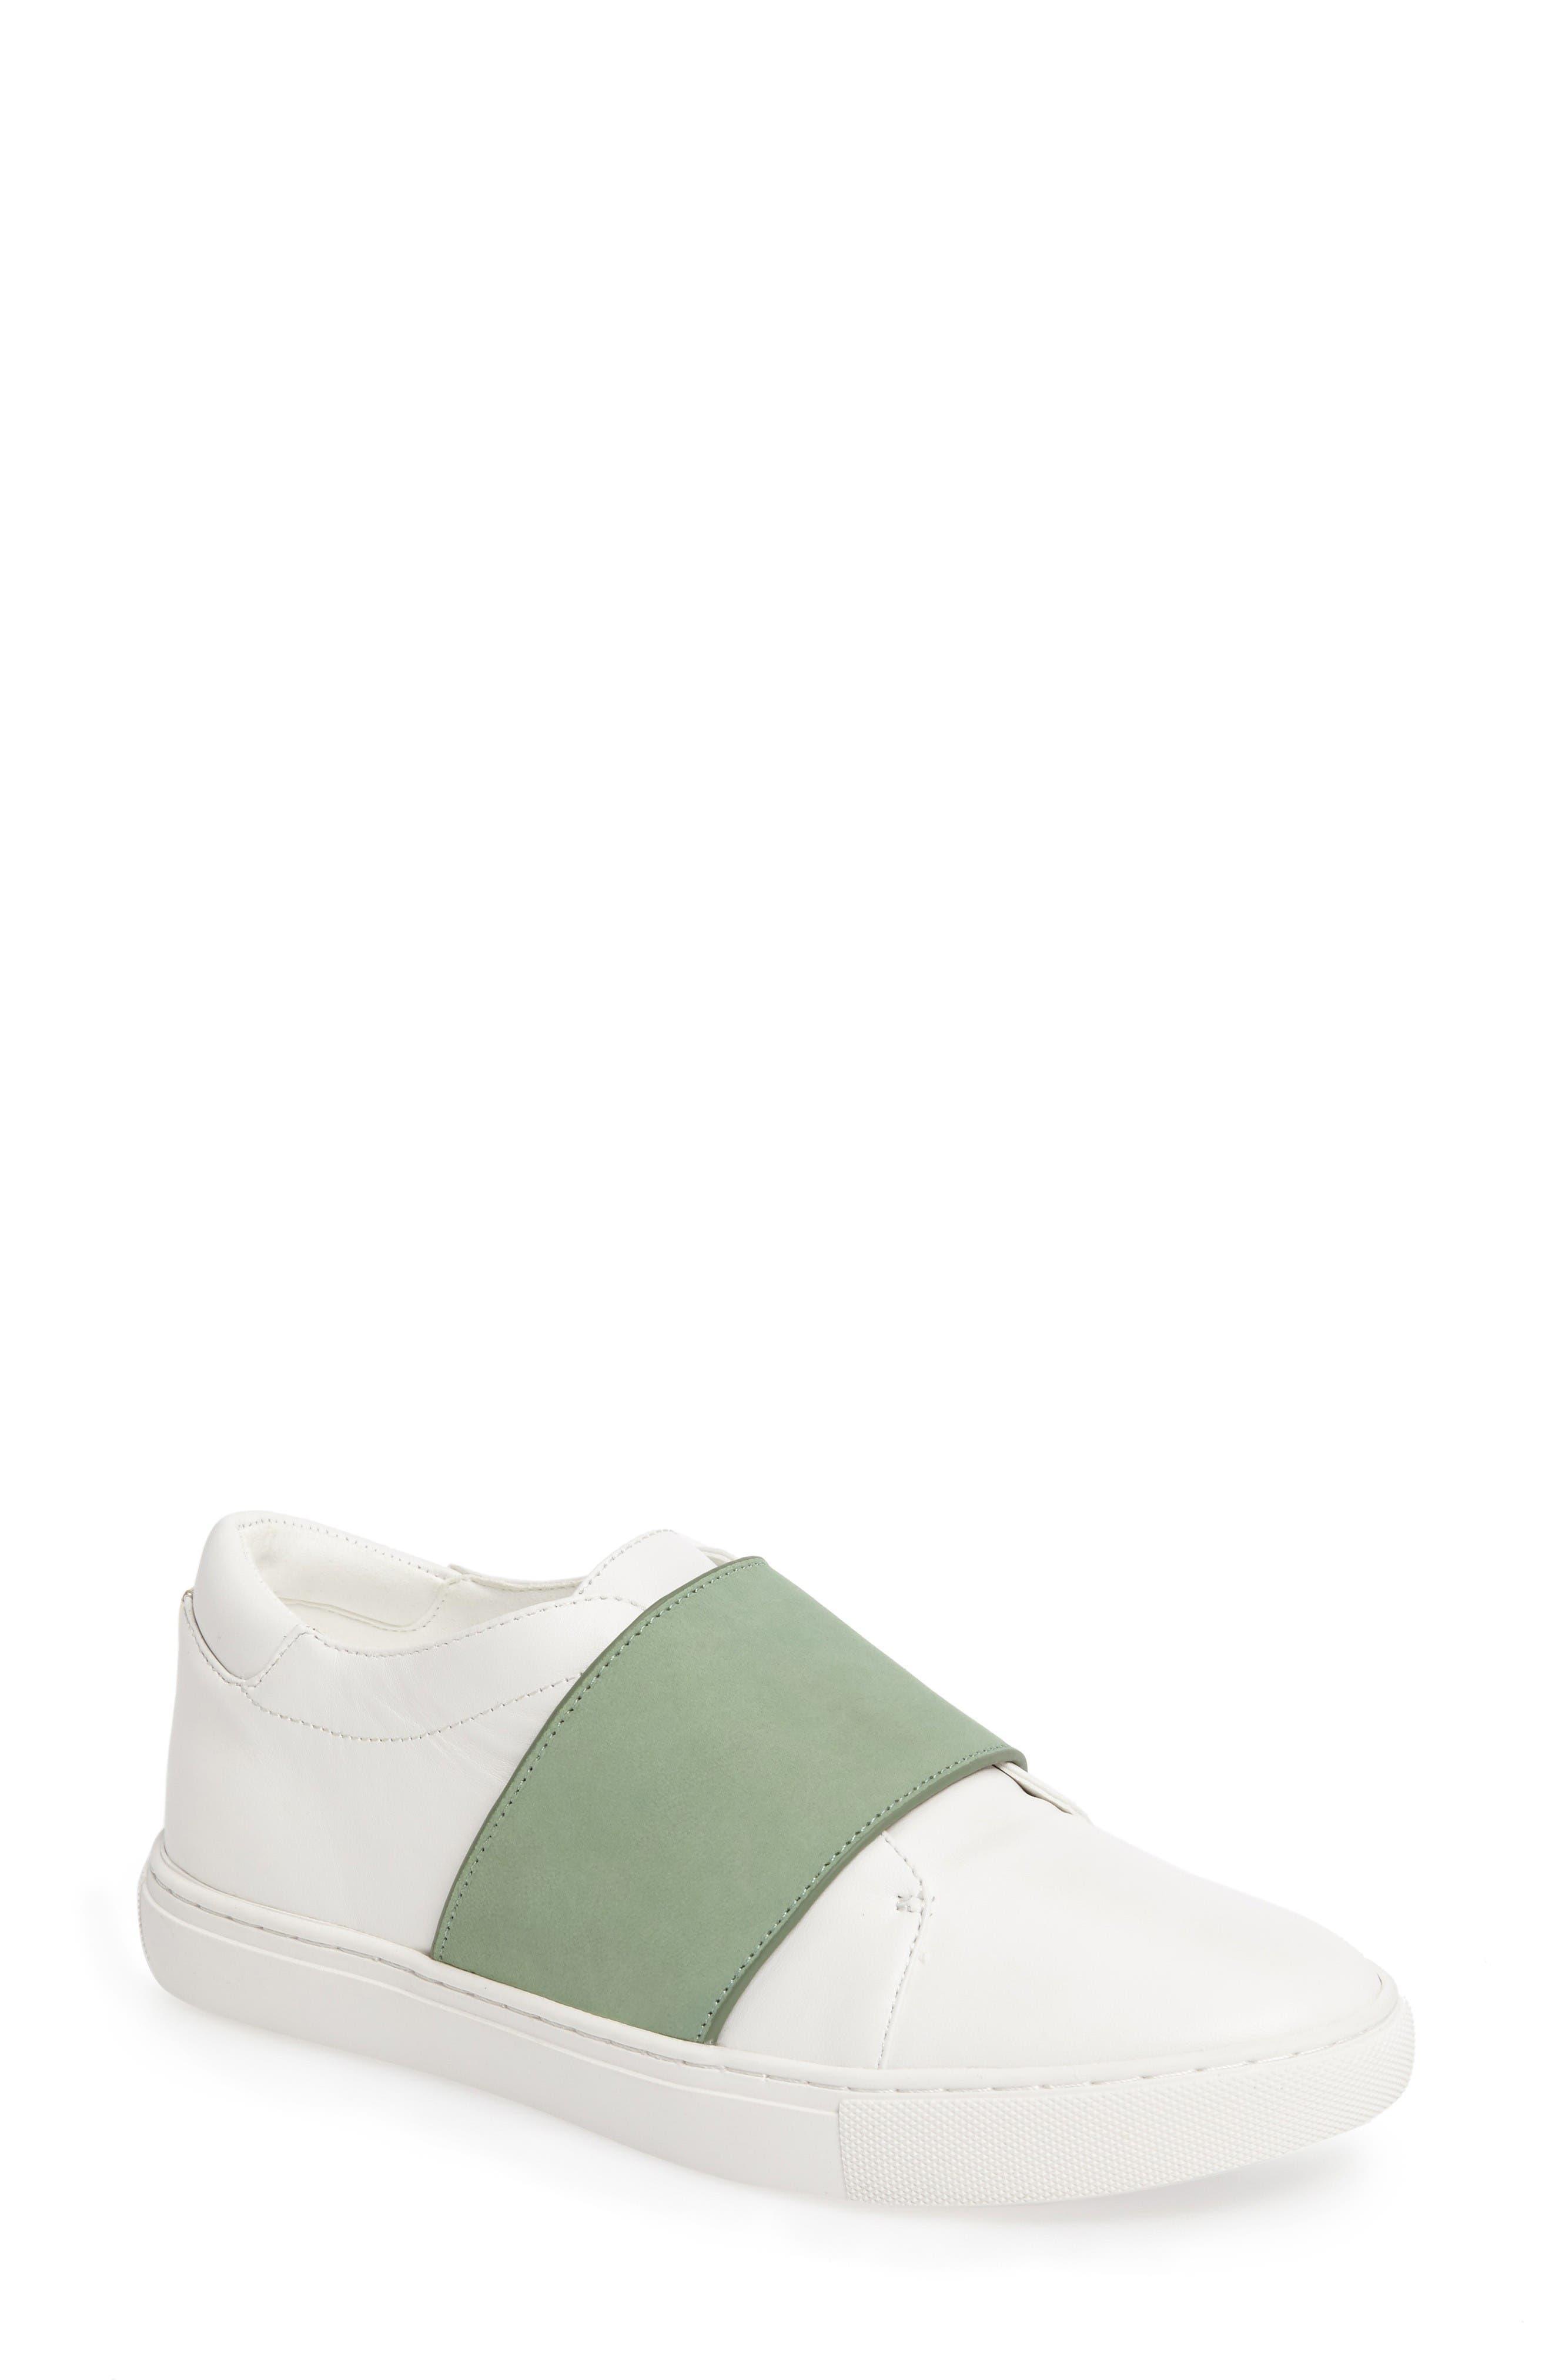 Kenneth Cole New York Konner Slip-On Sneaker (Women)